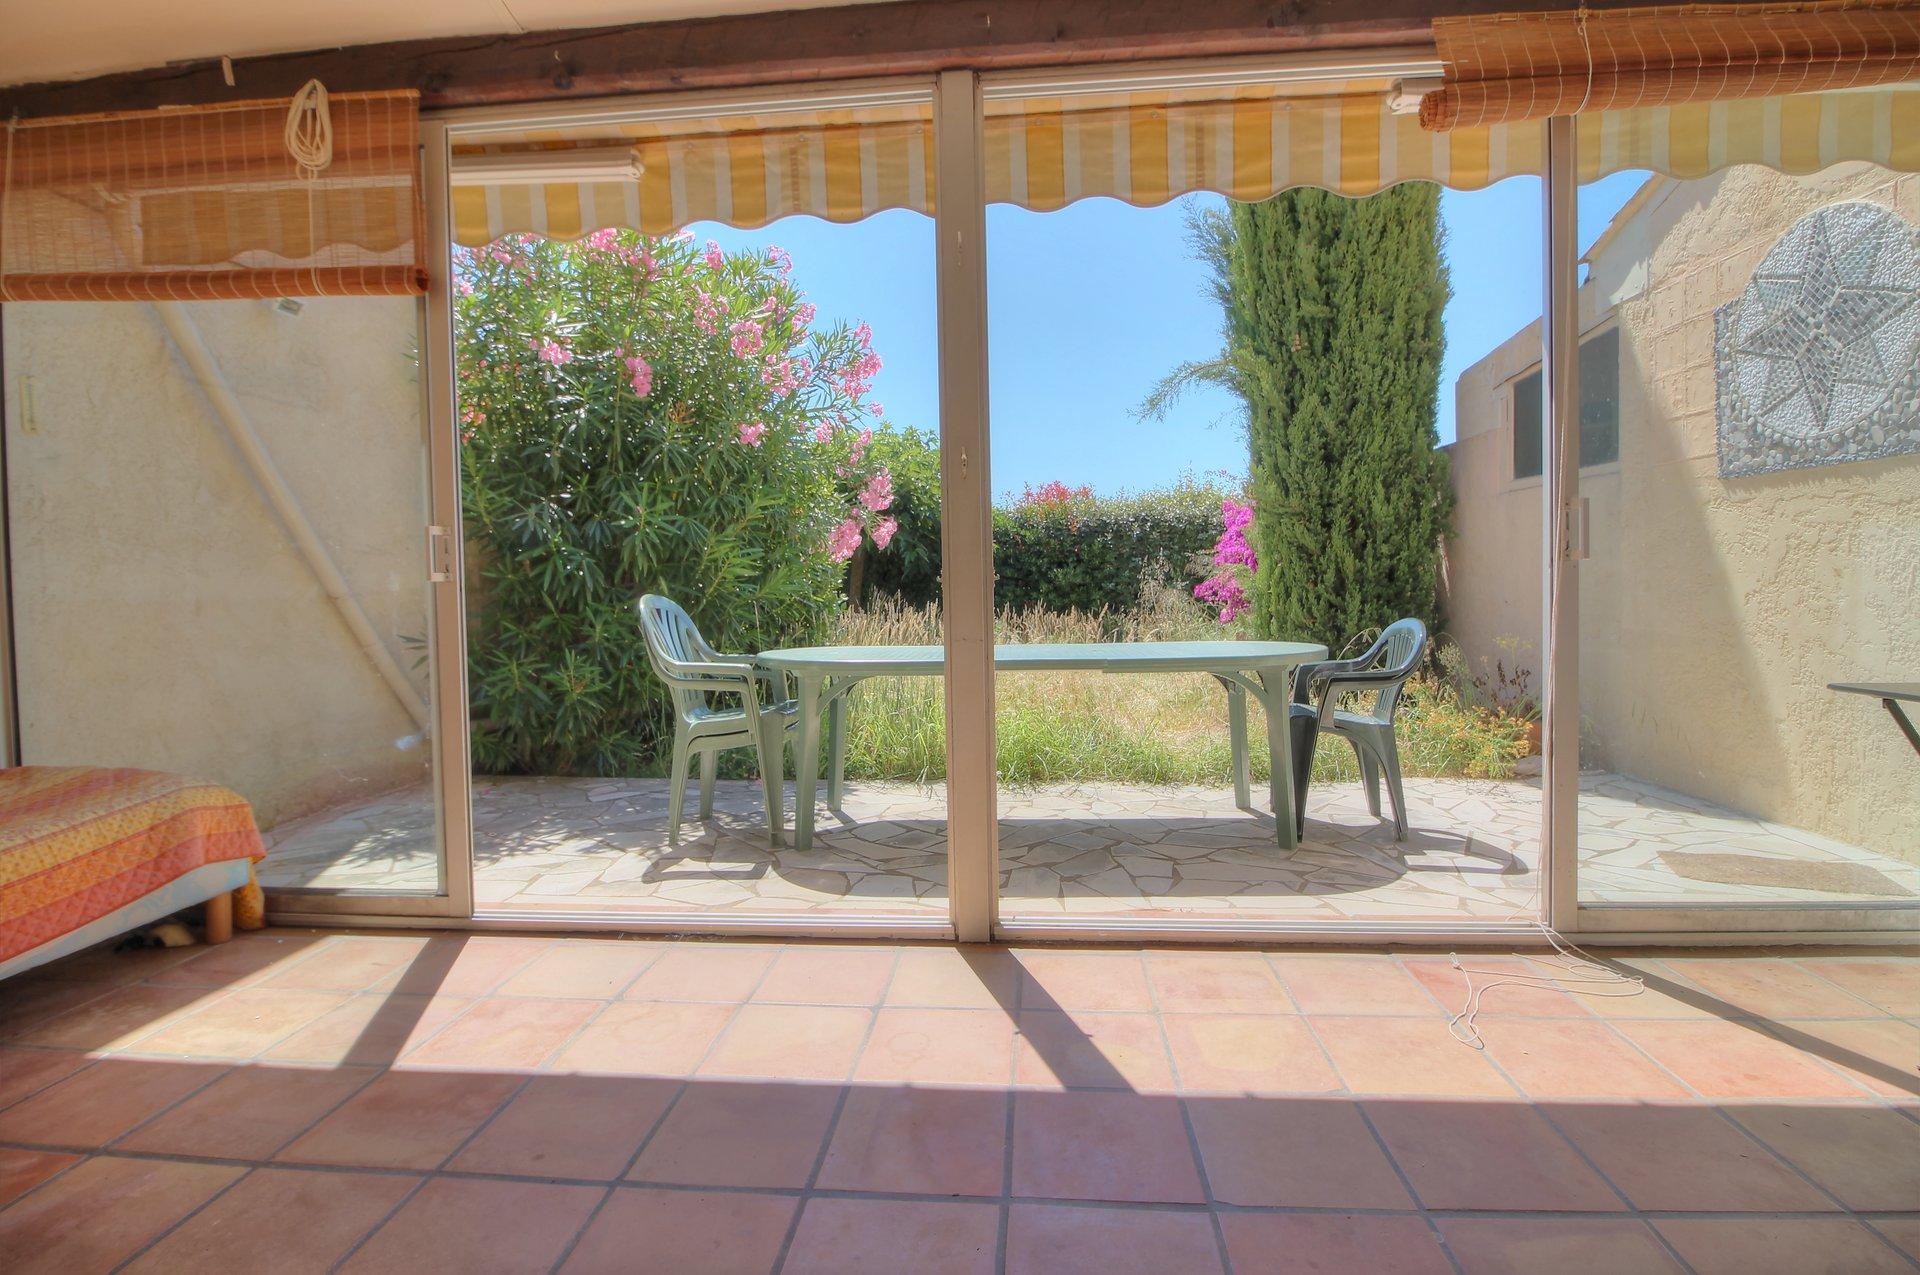 PLAGE 800 M- Maison T4 +jardin